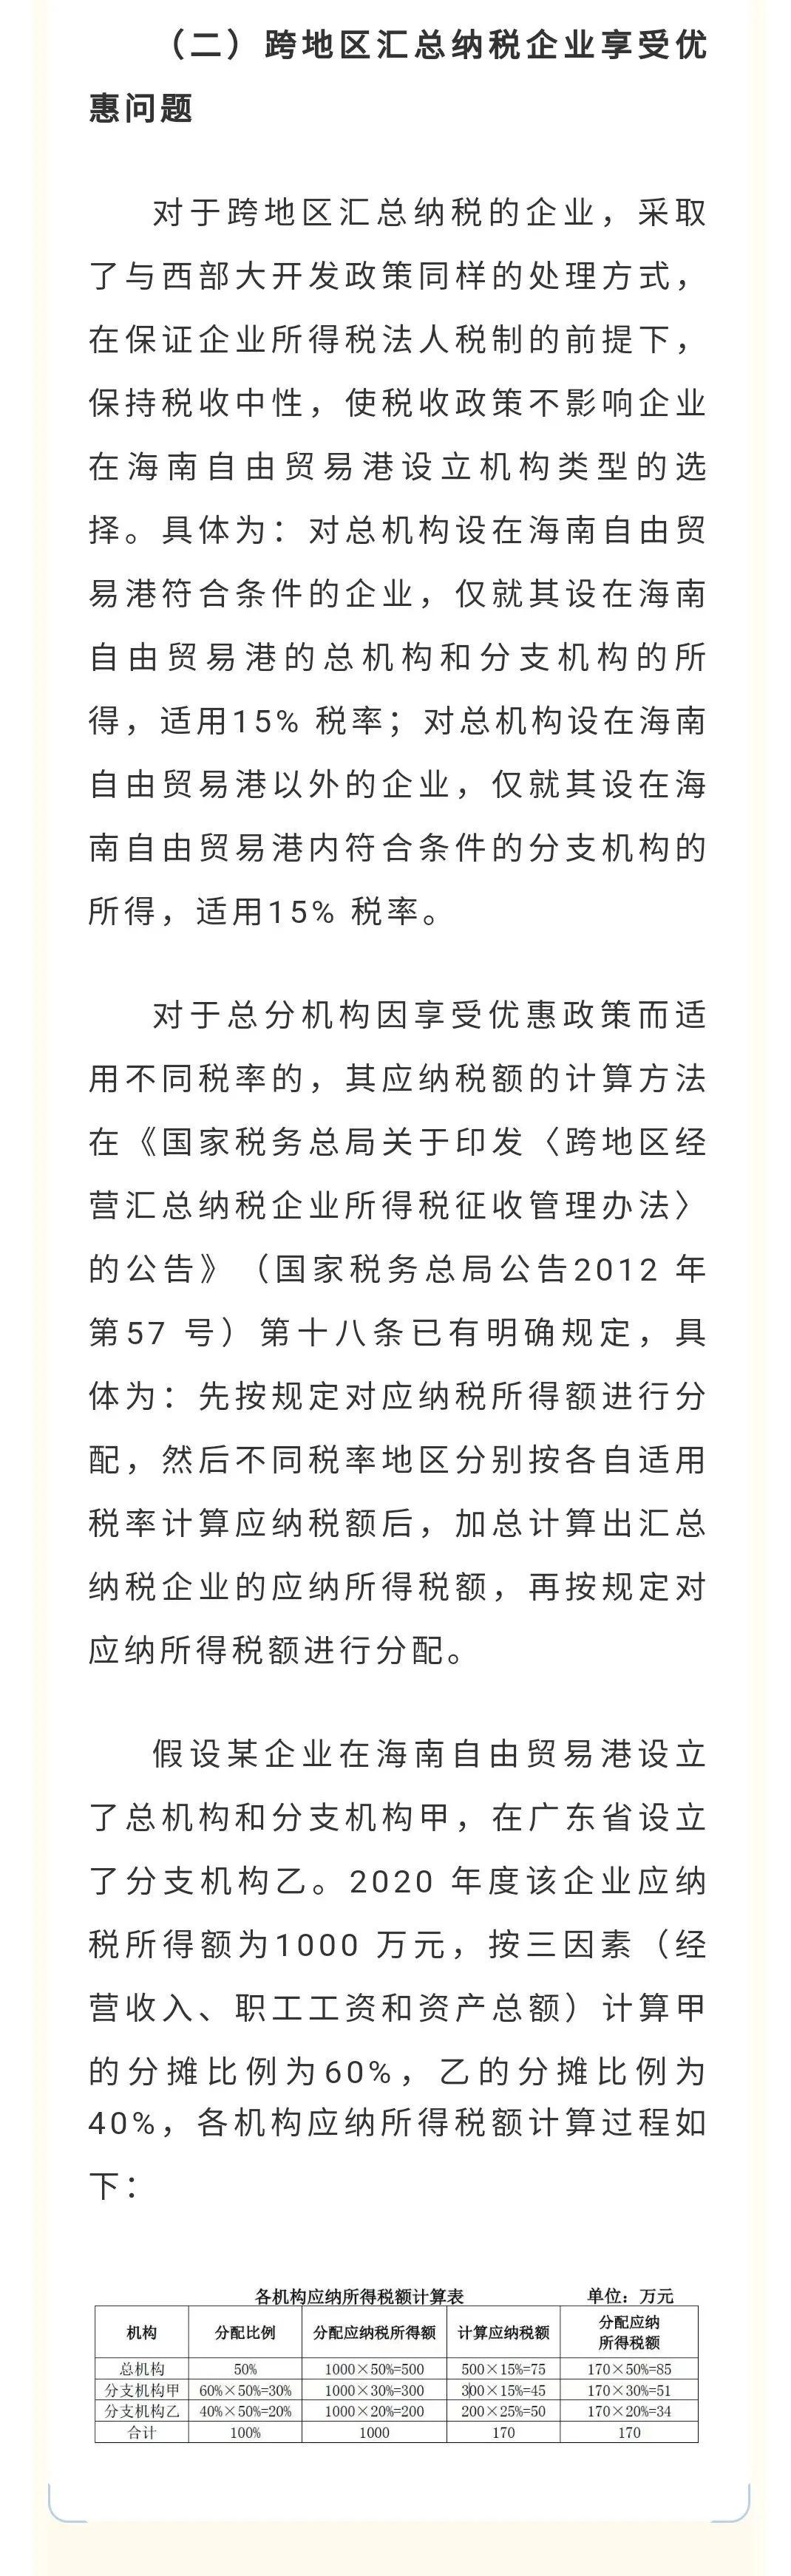 一文读懂海南自贸港企业所得税政策